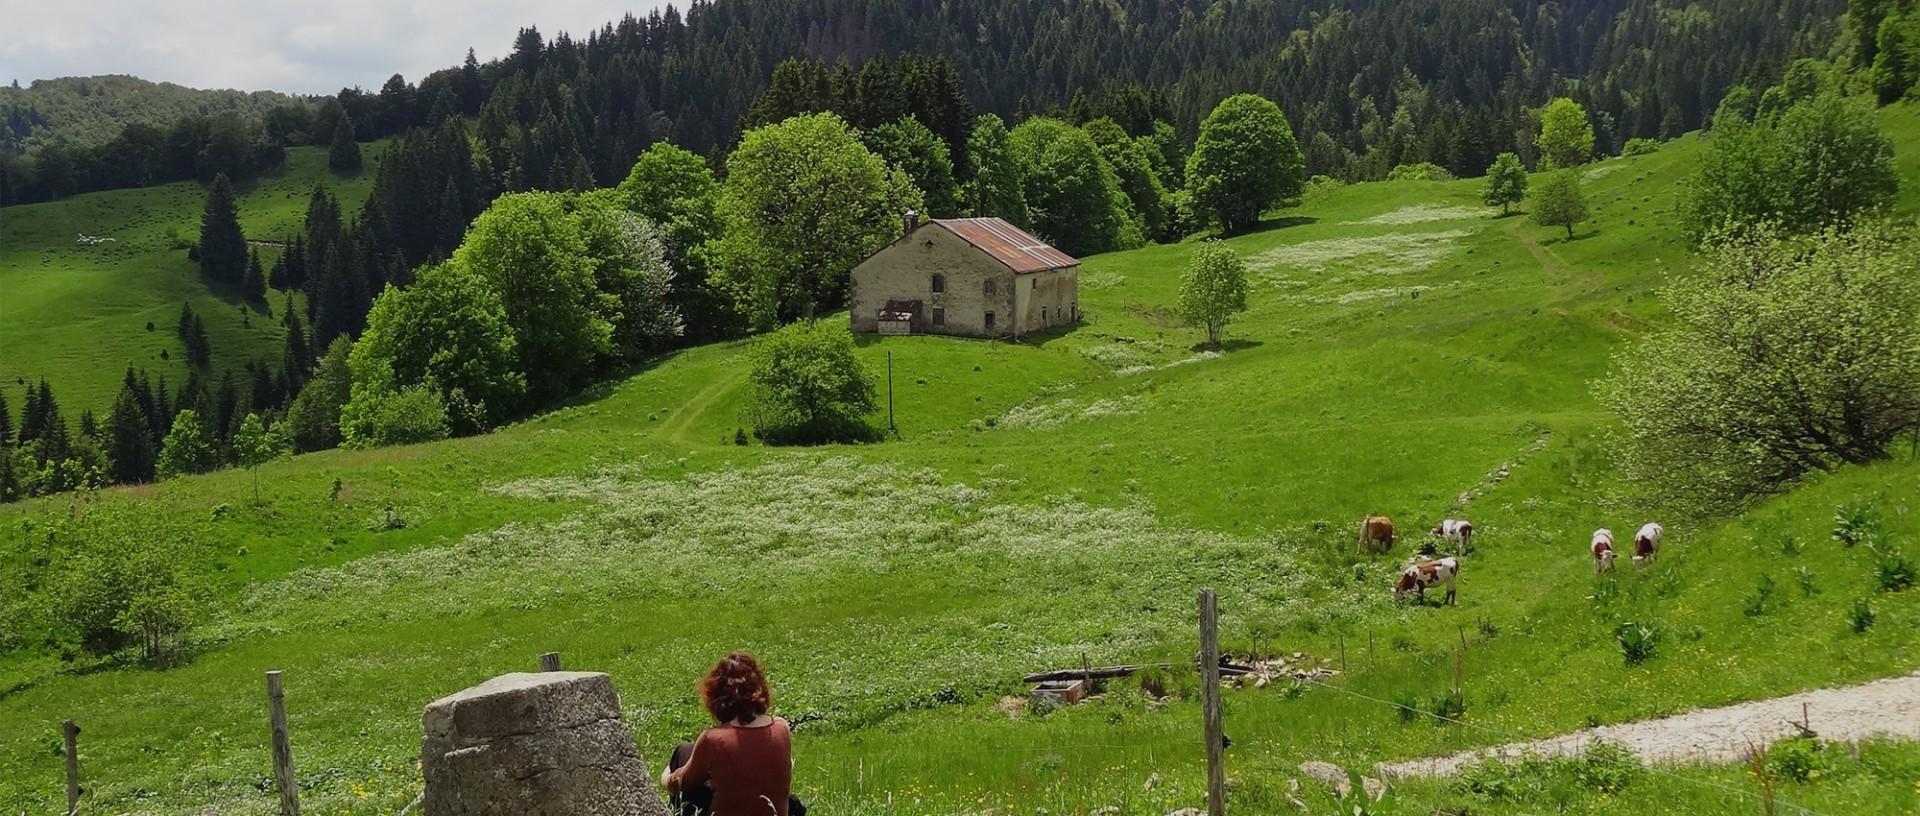 bienvenue-sur-le-site-de-haut-jura-saint-claude-303